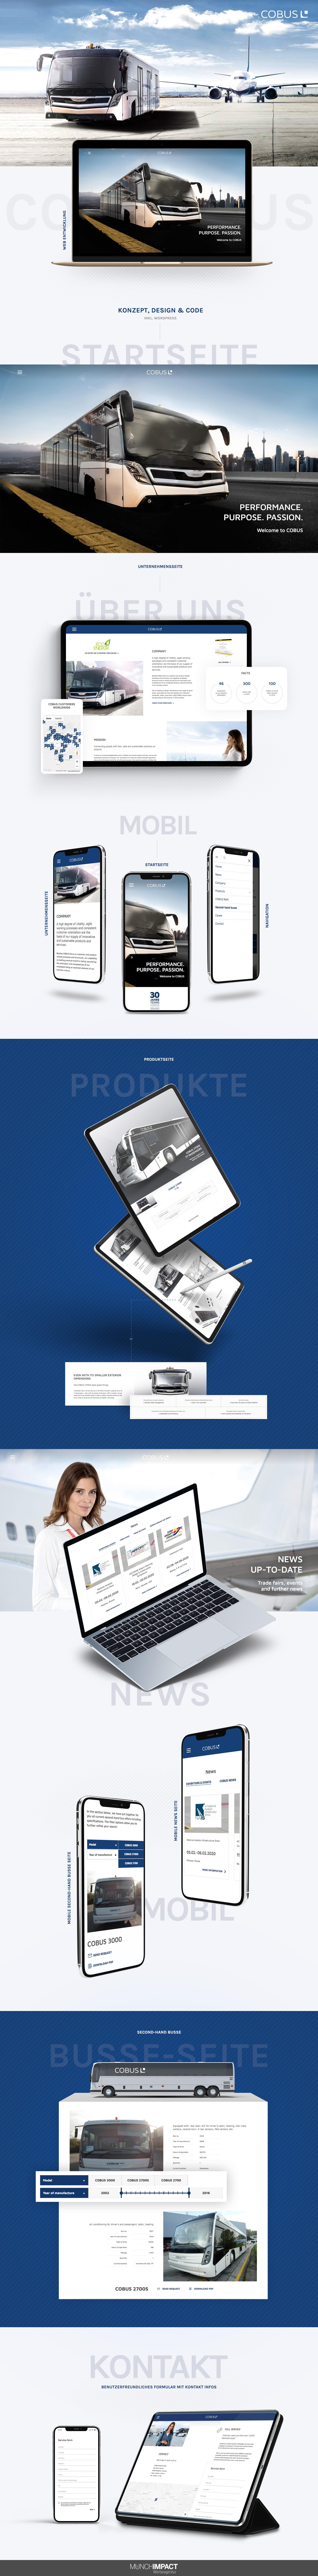 Cobus - Website Creation